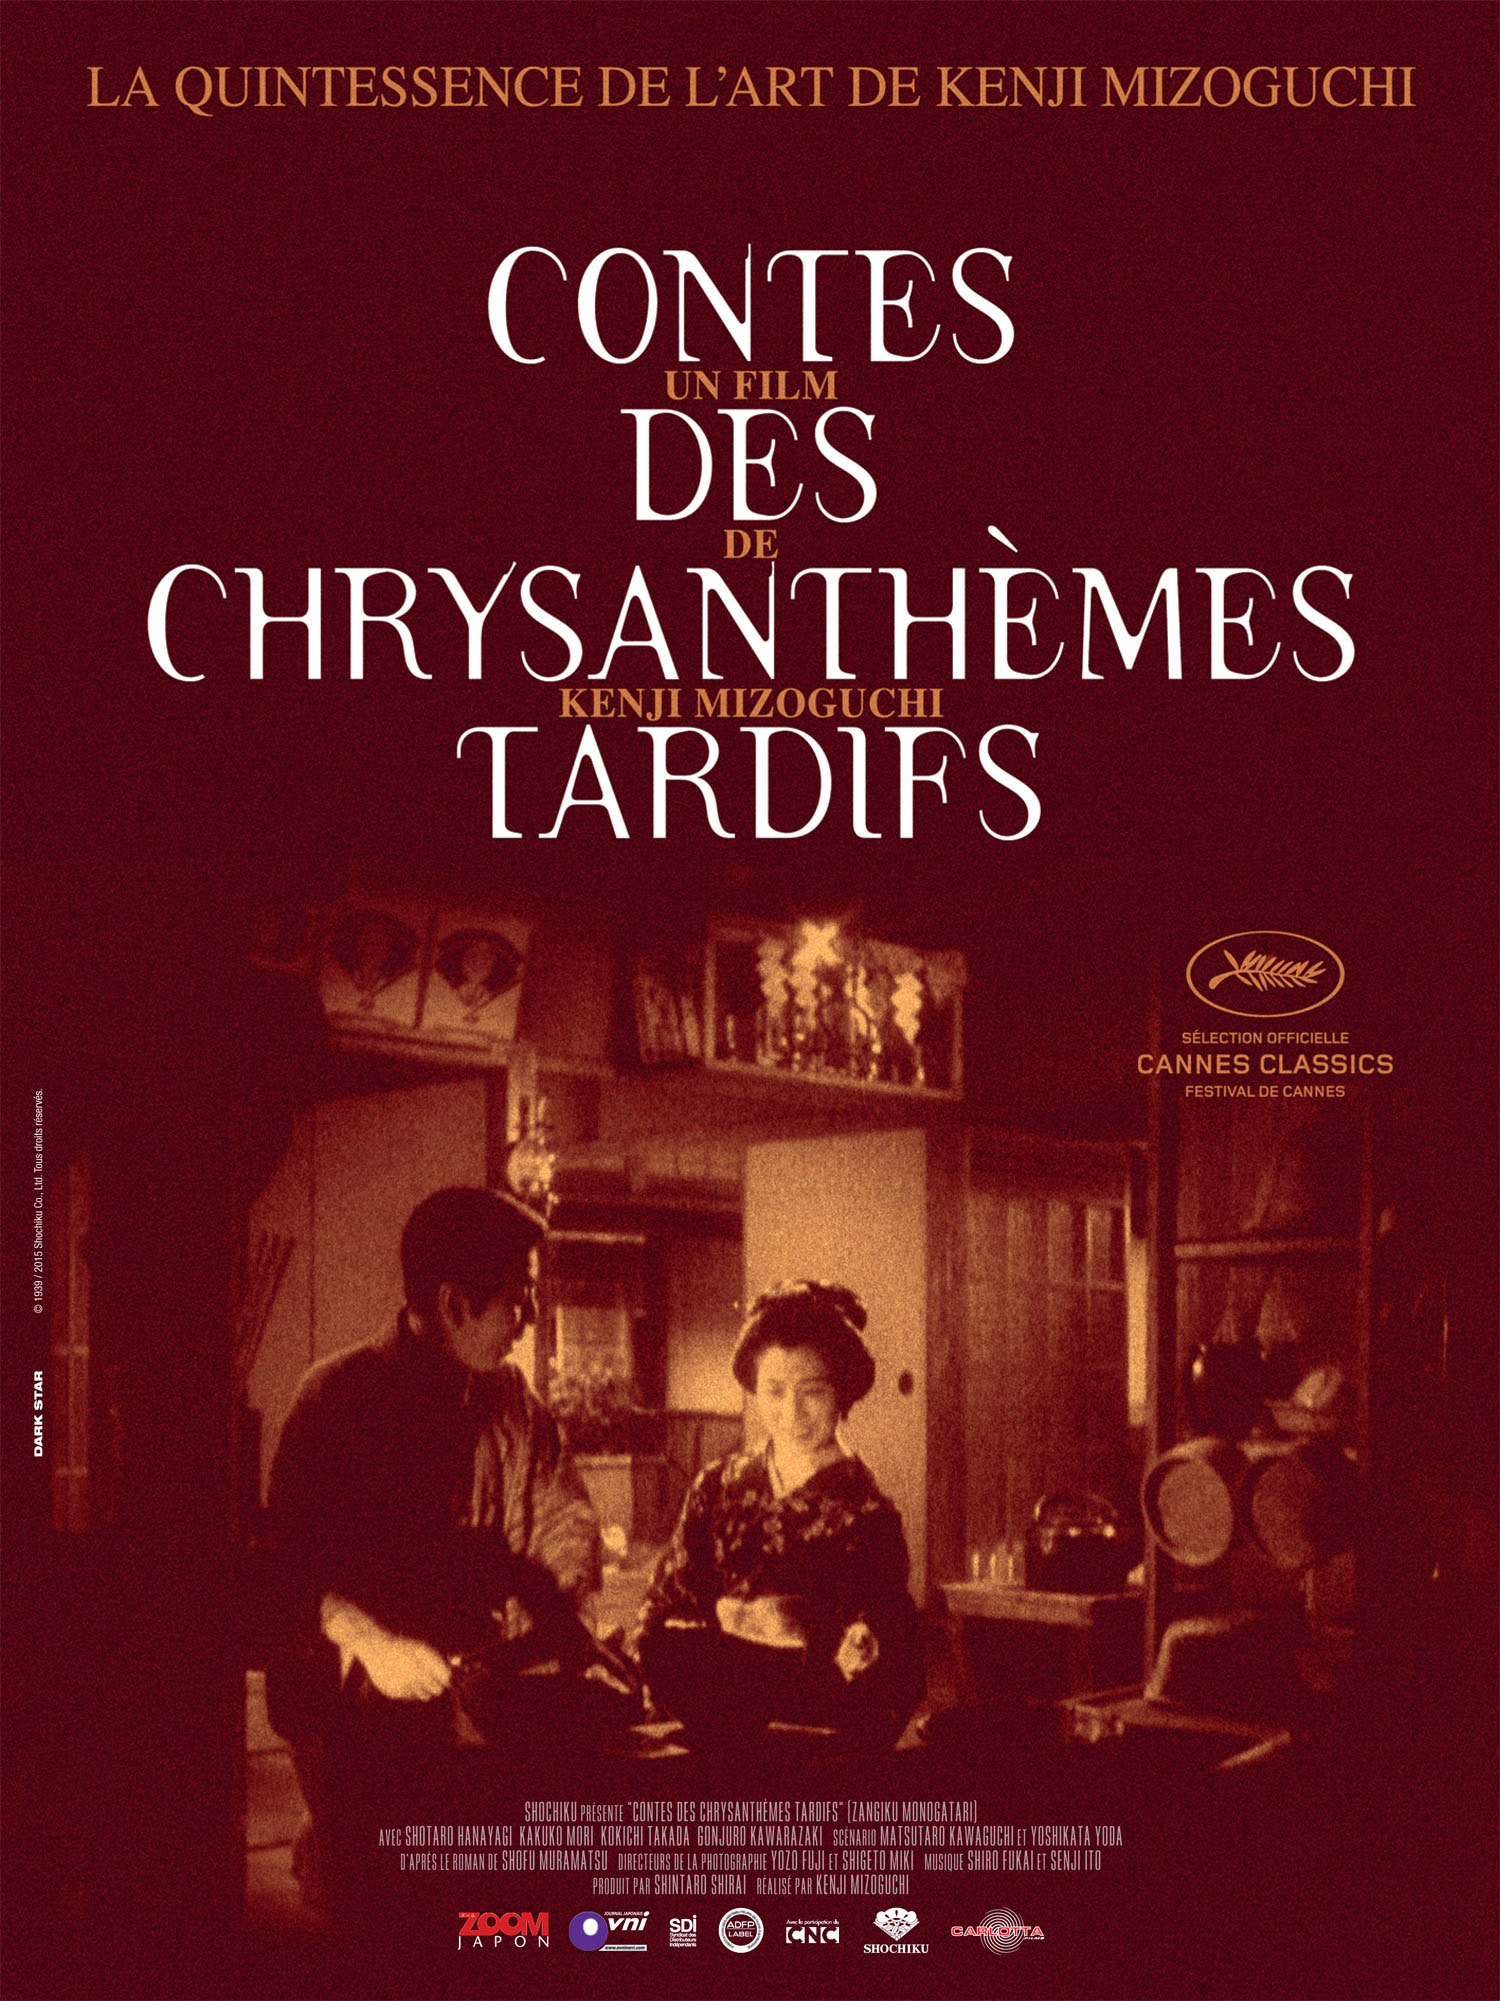 Conte des chrysanthèmes tardifs - Affiche